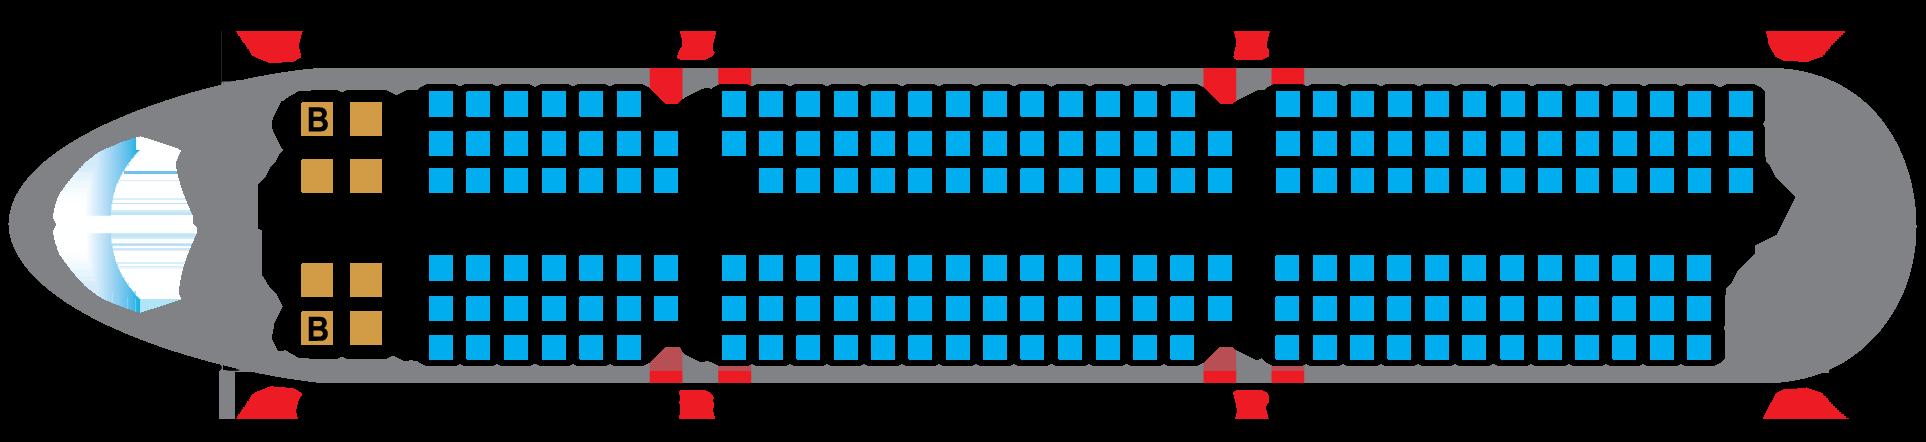 sơ đồ ghế ngồi trên máy bay vietnam airlines